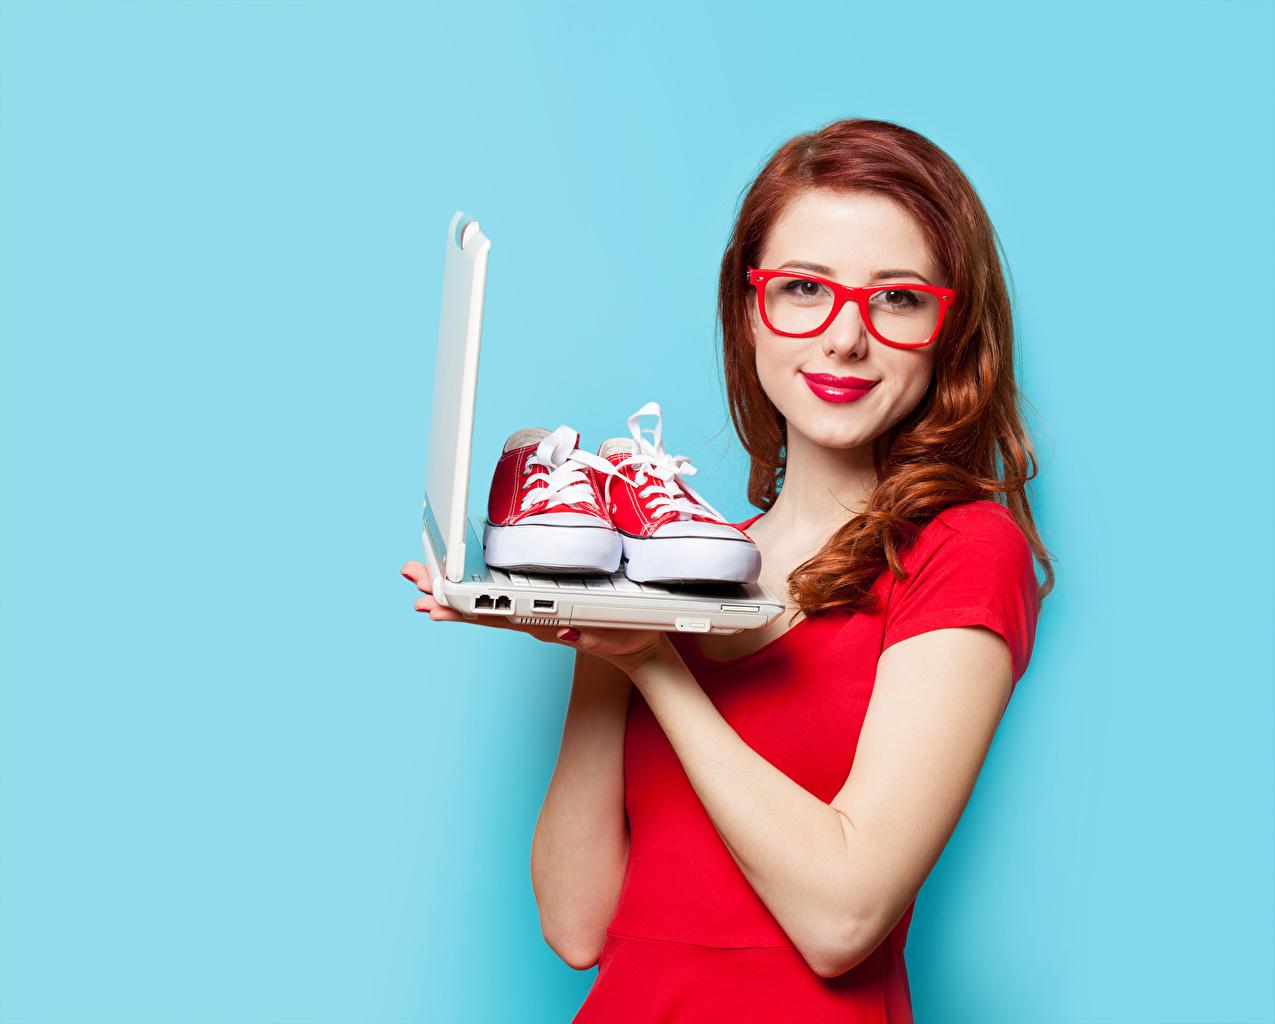 Fotos von Notebook Rotschopf Plimsoll Schuh junge Frauen Brille Blick Rote Lippen Farbigen hintergrund Mädchens junge frau Starren